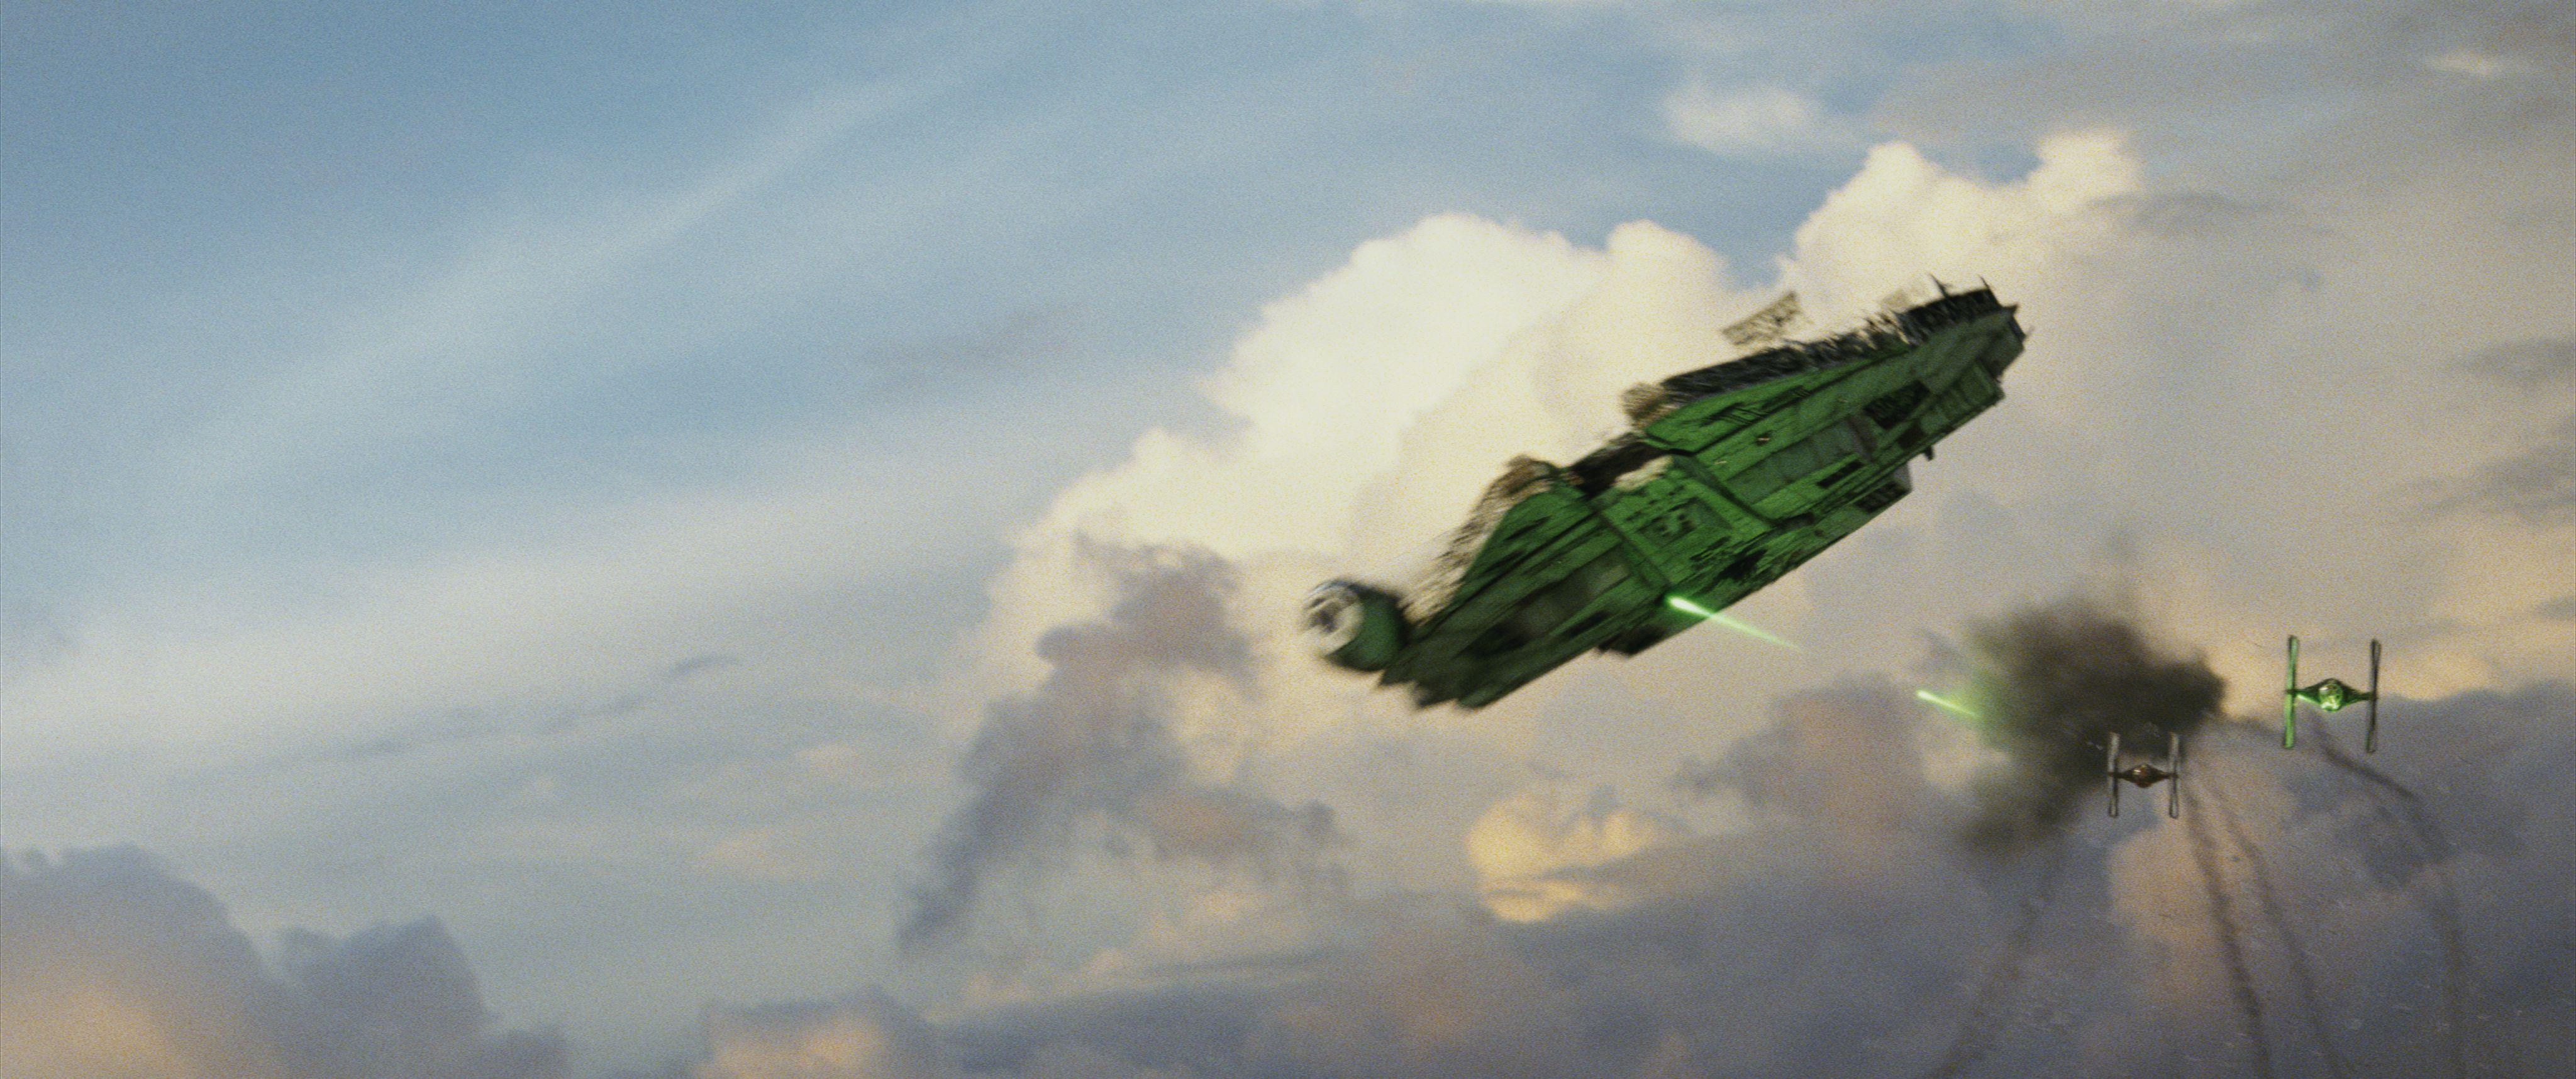 ARCHIVE: The Last Jedi Trailer(s) - 1 - Page 4 Star-wars-8-millennium-falcon